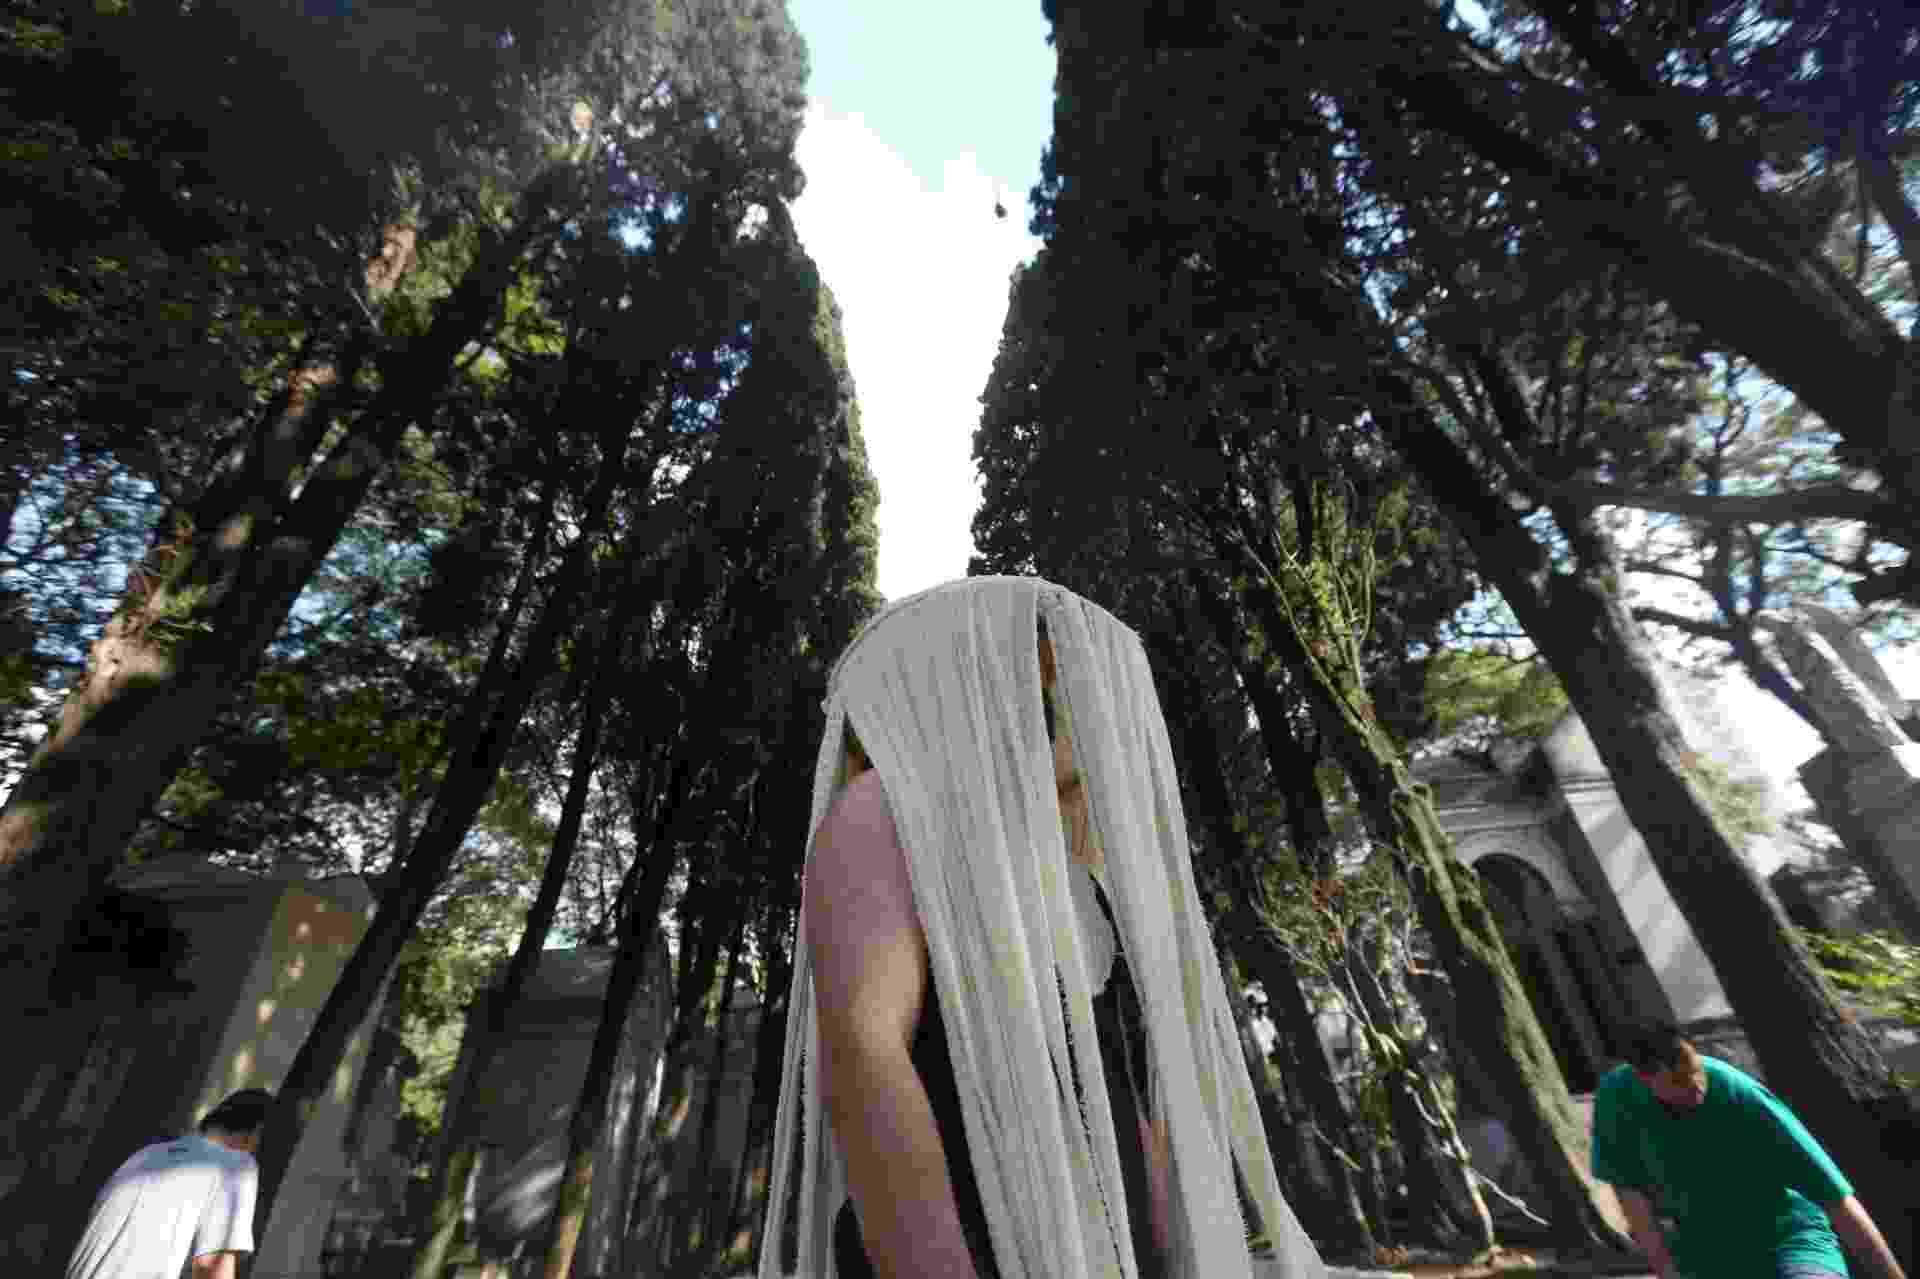 18.jan.2015 - Companhia EmFoco, de Fortaleza, é conhecida em sua cidade por fazer espetáculos polêmicos em locais inusitados, como ônibus e cemitério - Ricardo Matsukawa/UOL